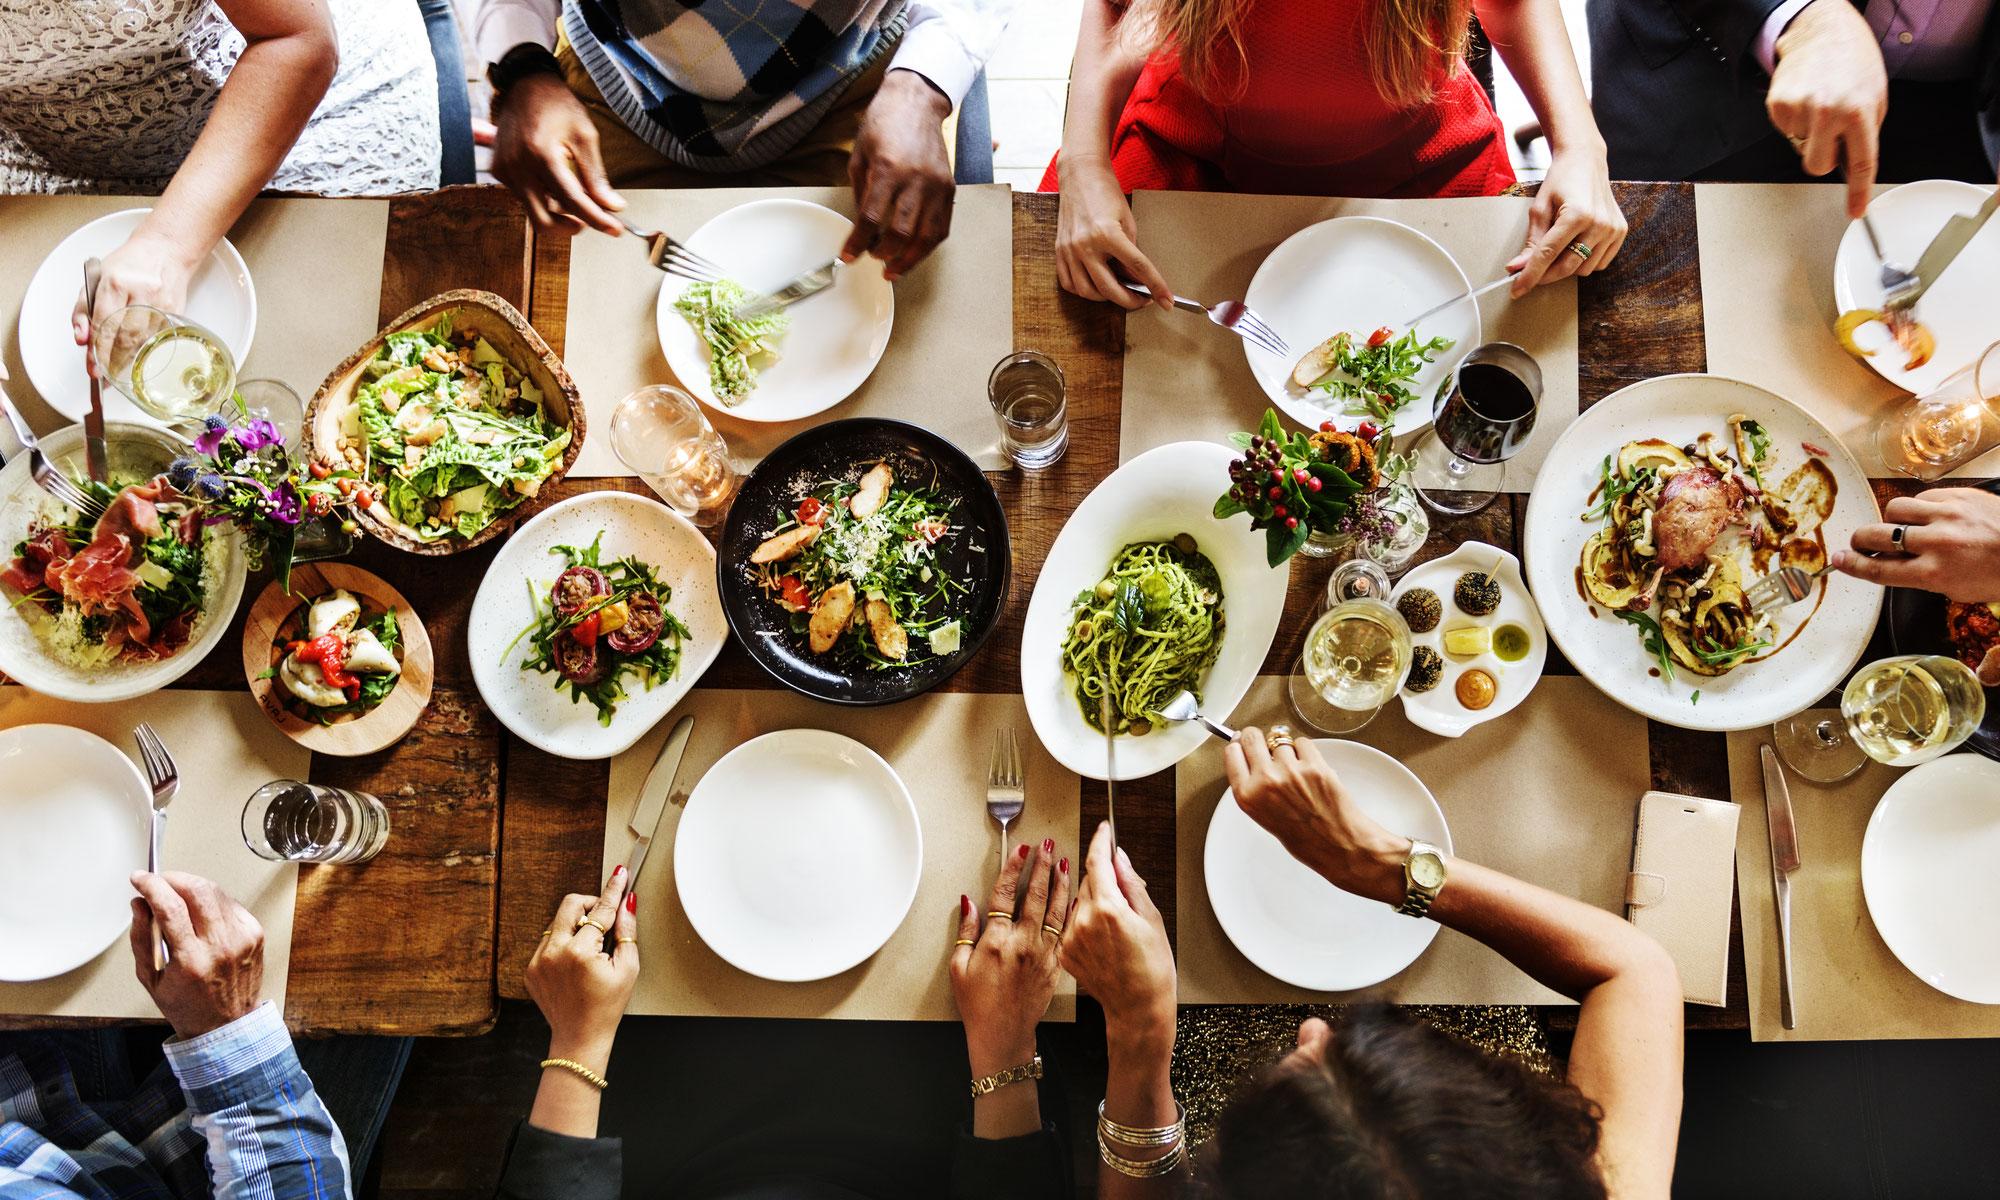 食事による疲労回復を促す